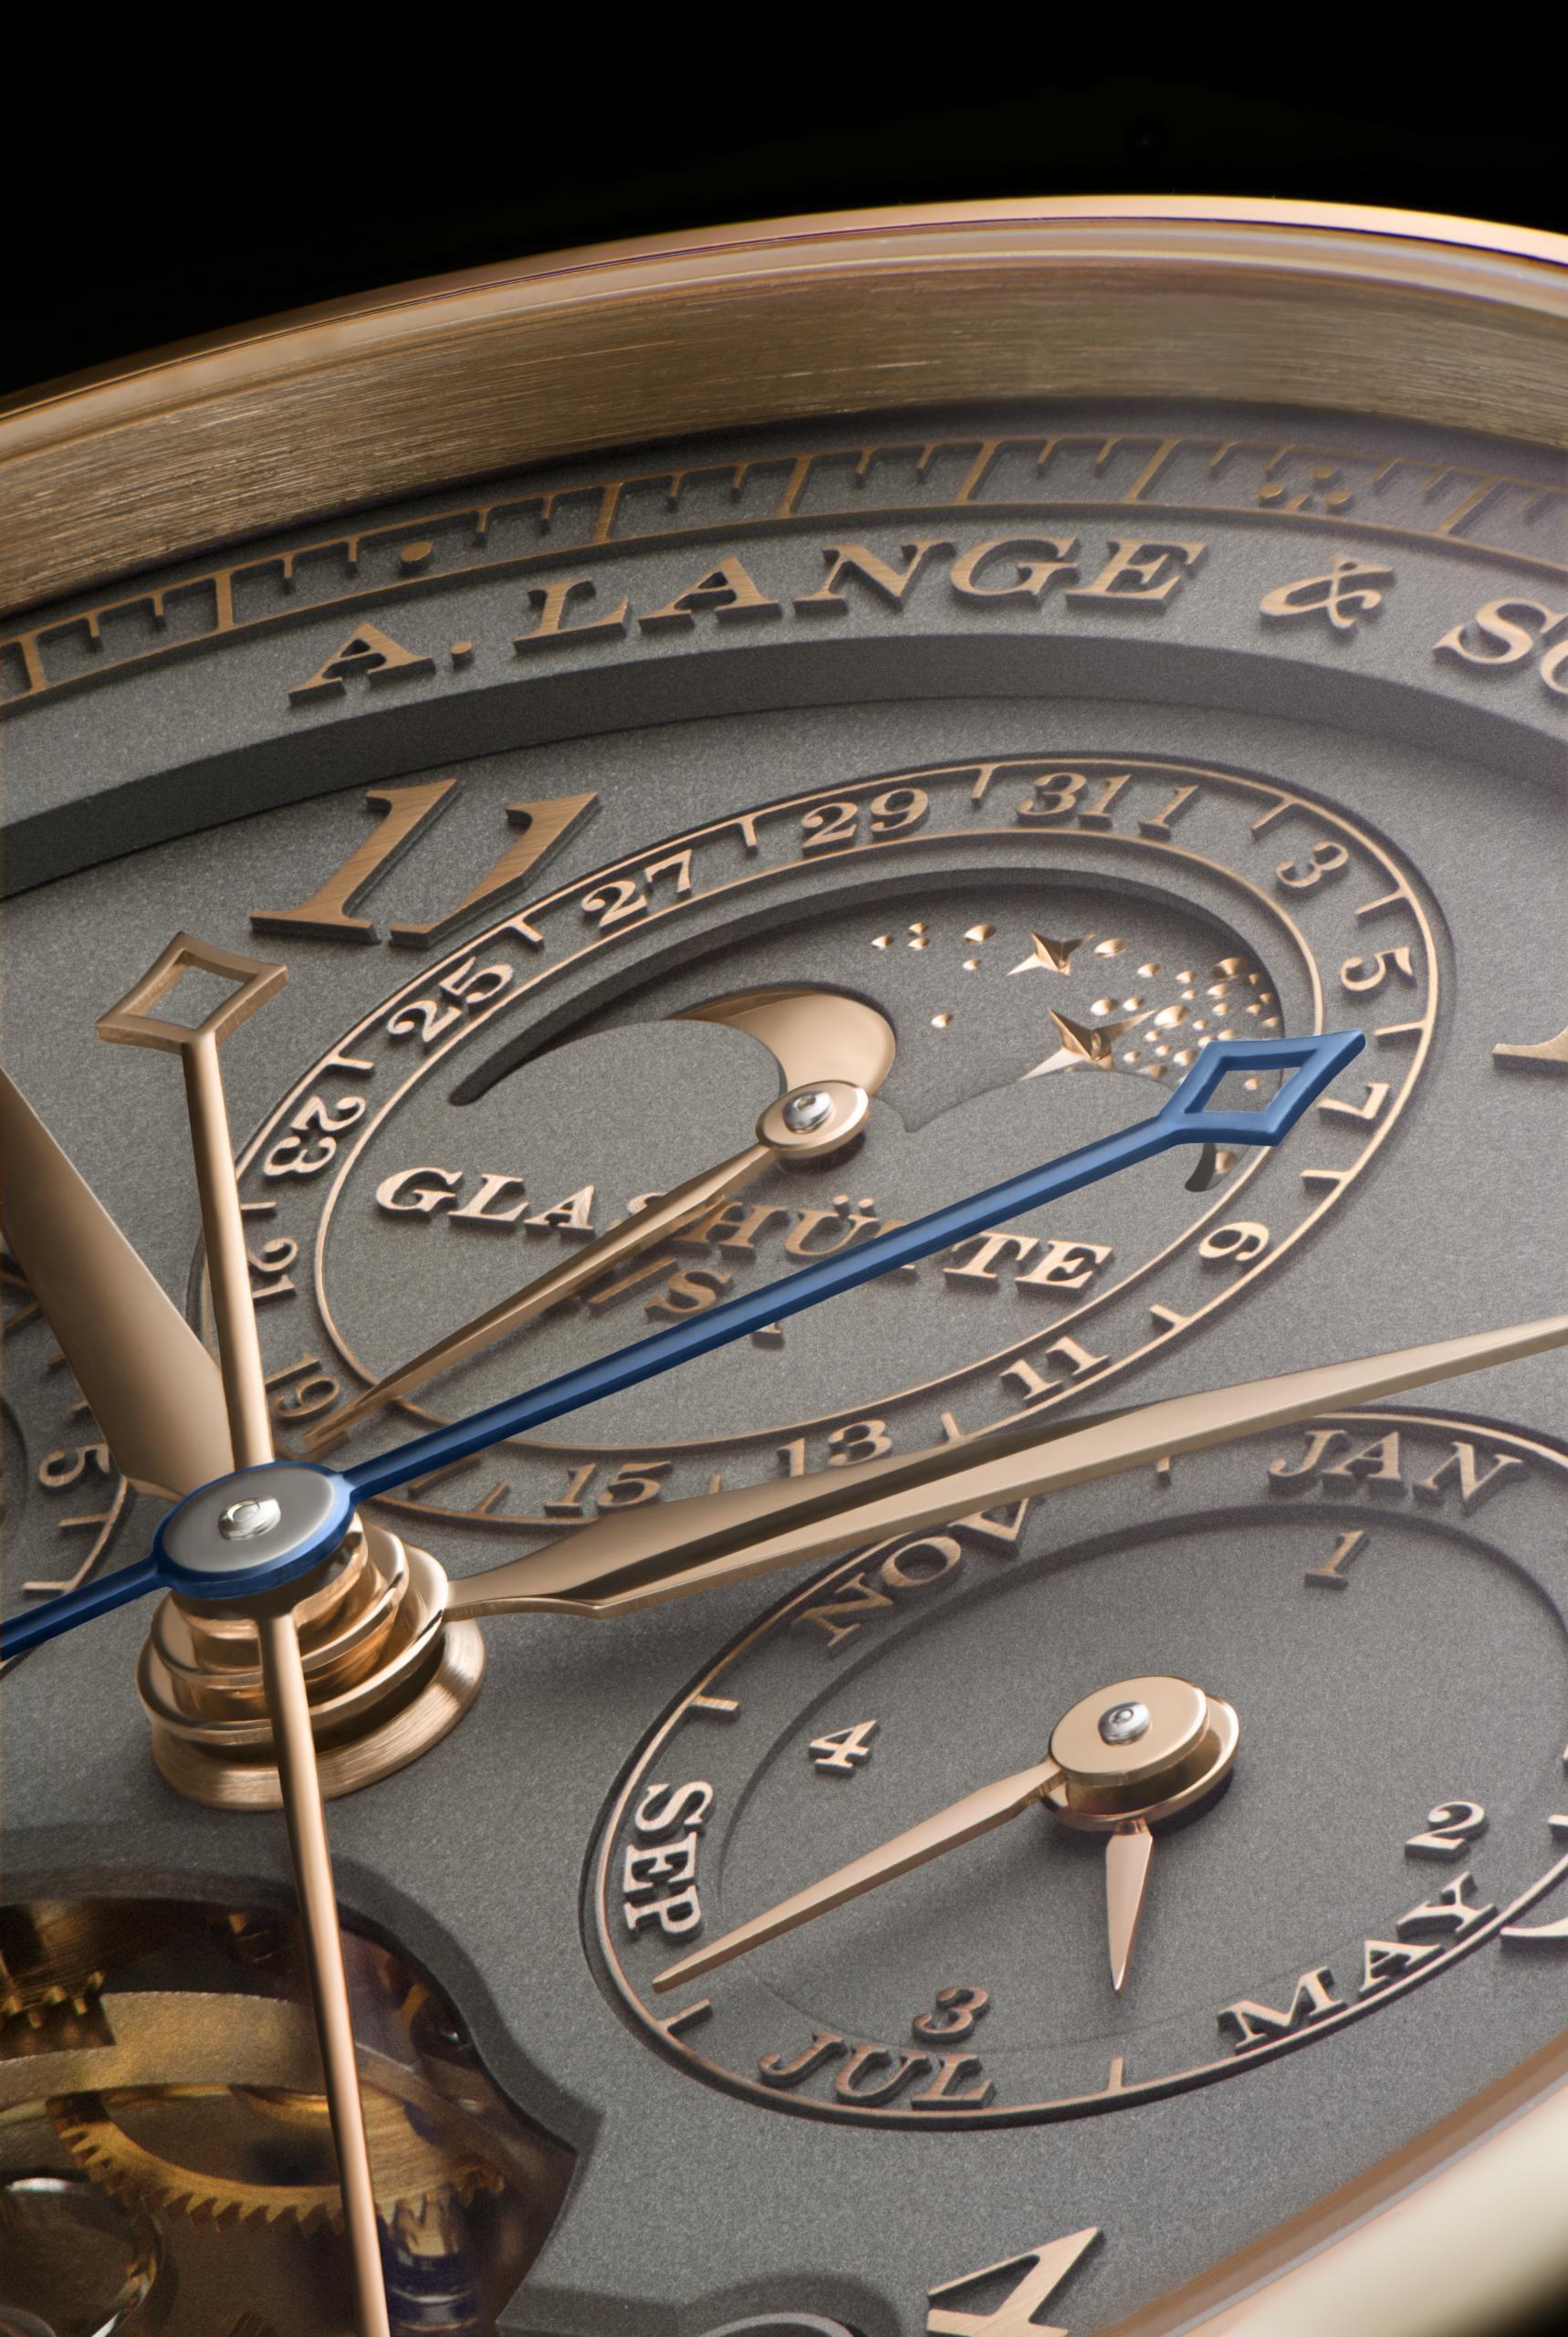 Detalle de la esfera del Tourbograph Perpetual